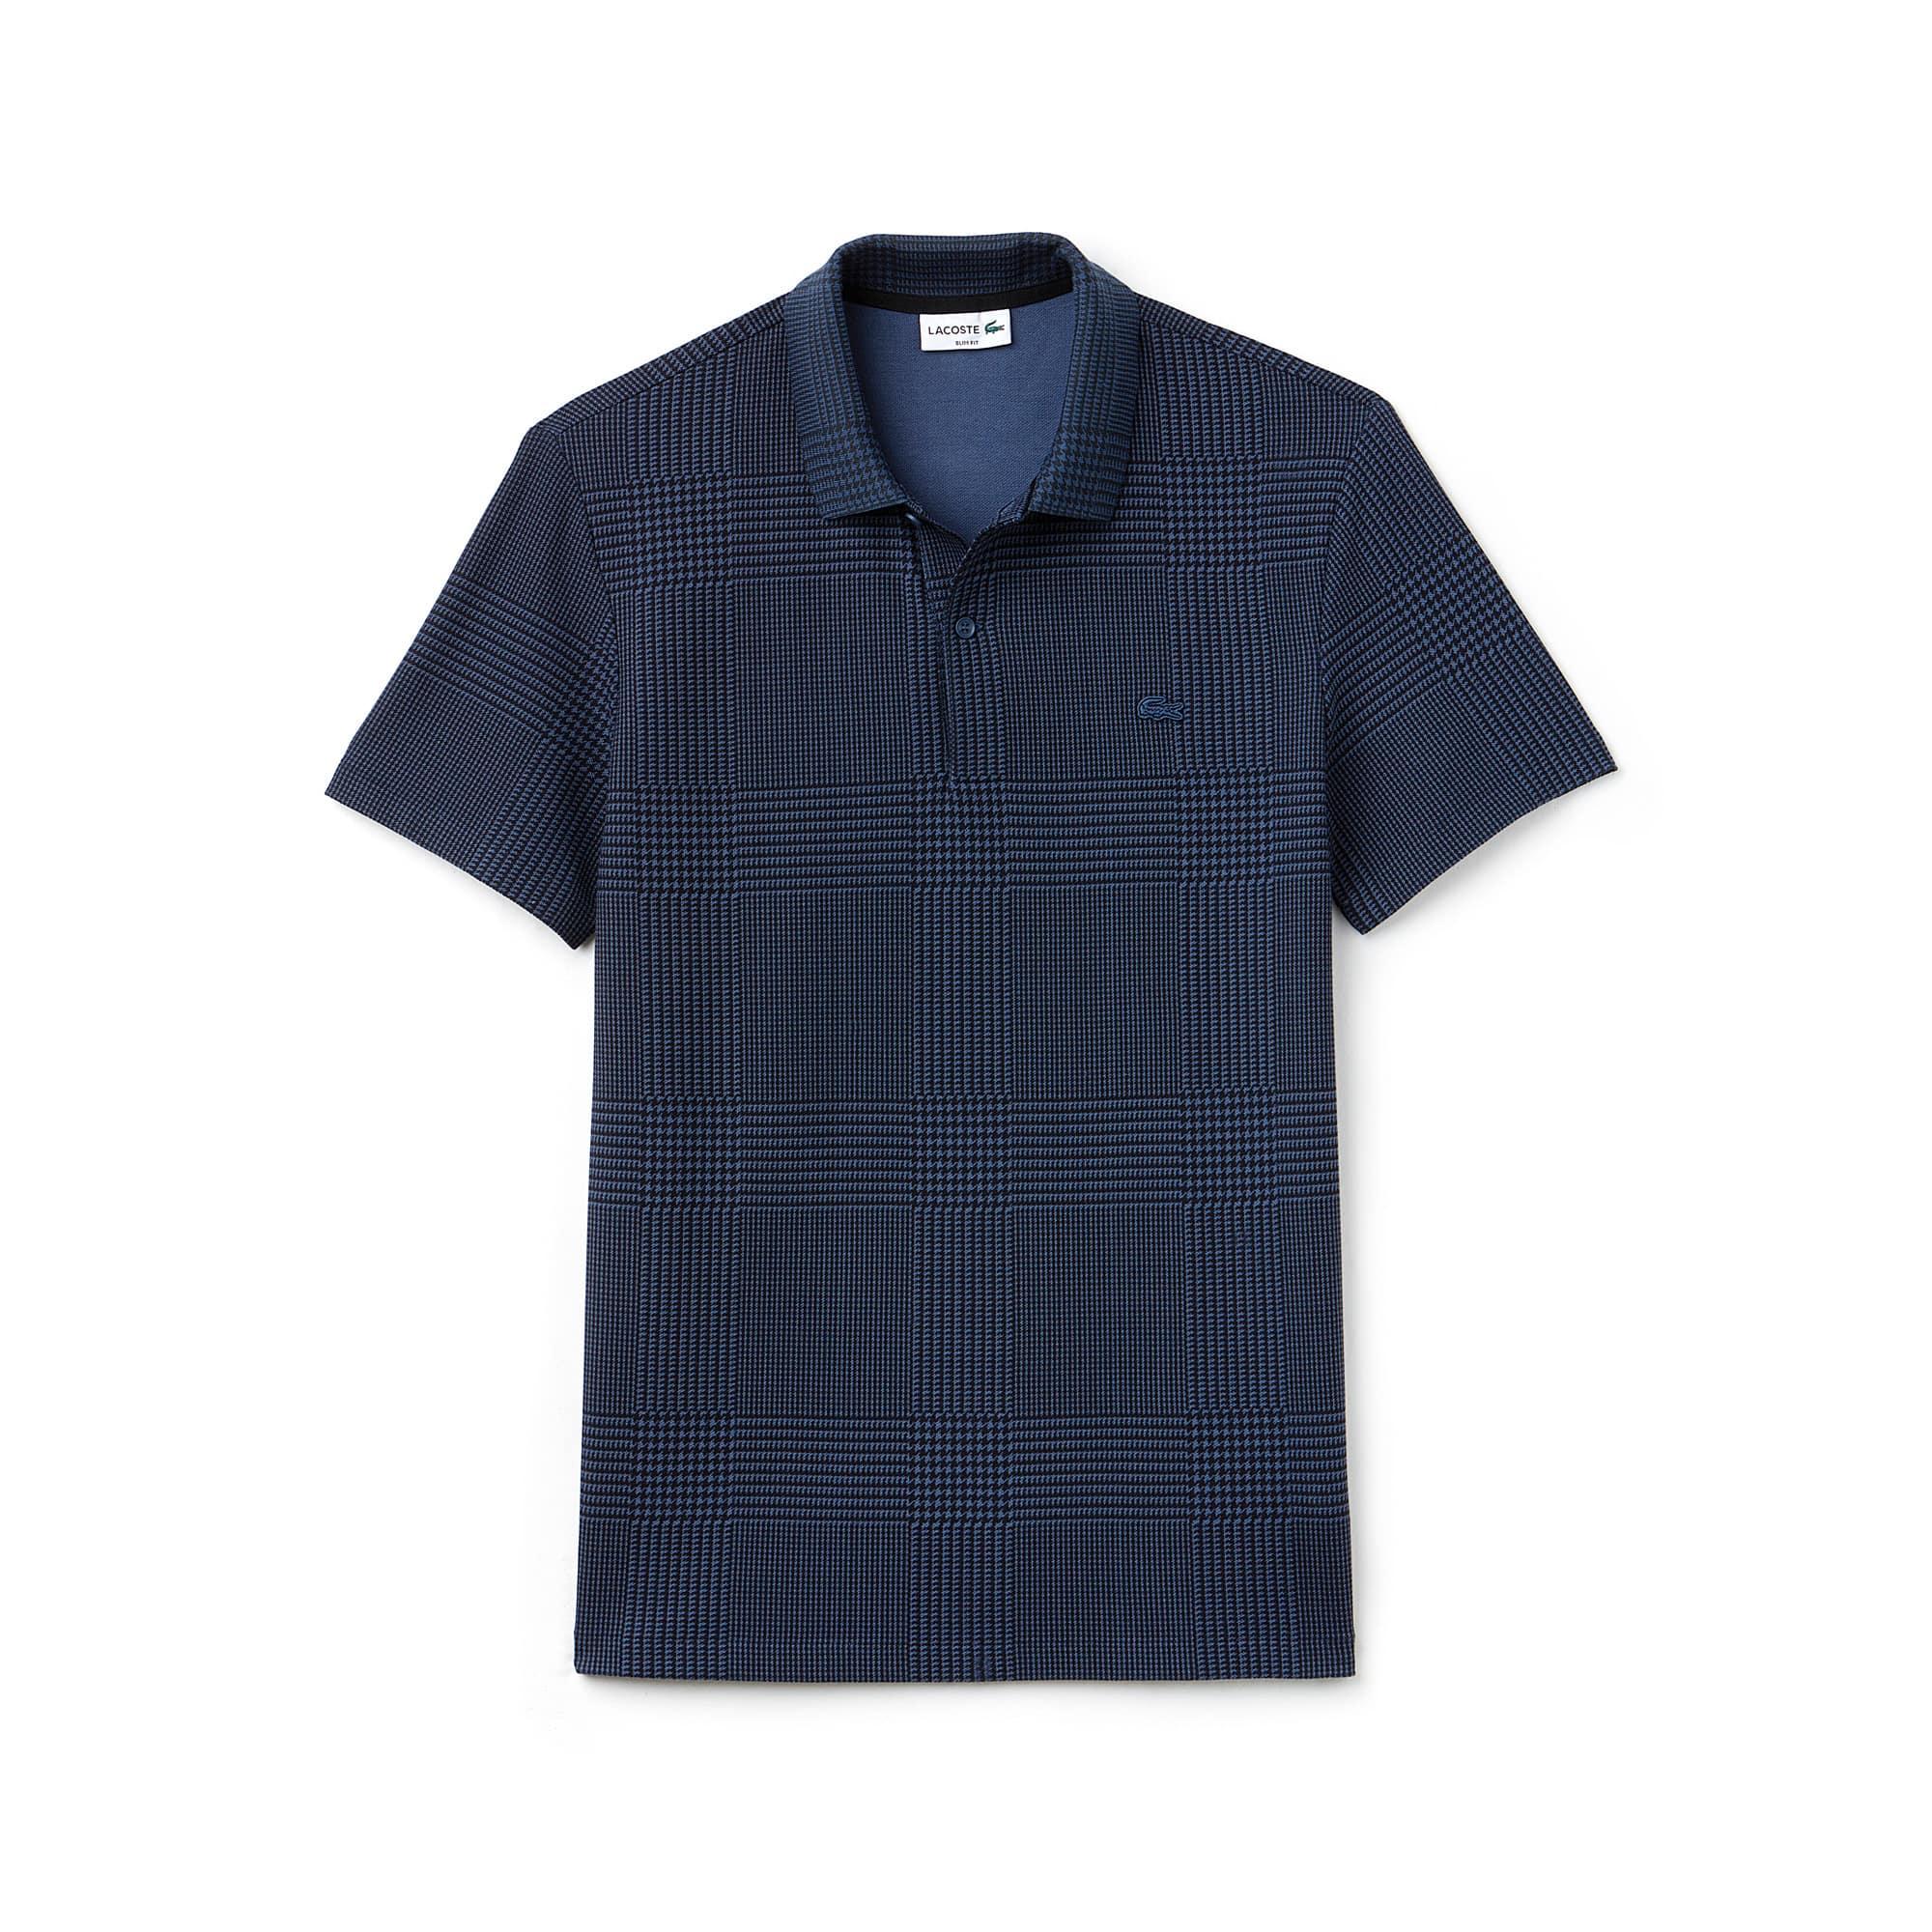 Men's Lacoste Slim Fit Bicolor Print Cotton Micro Piqué Polo